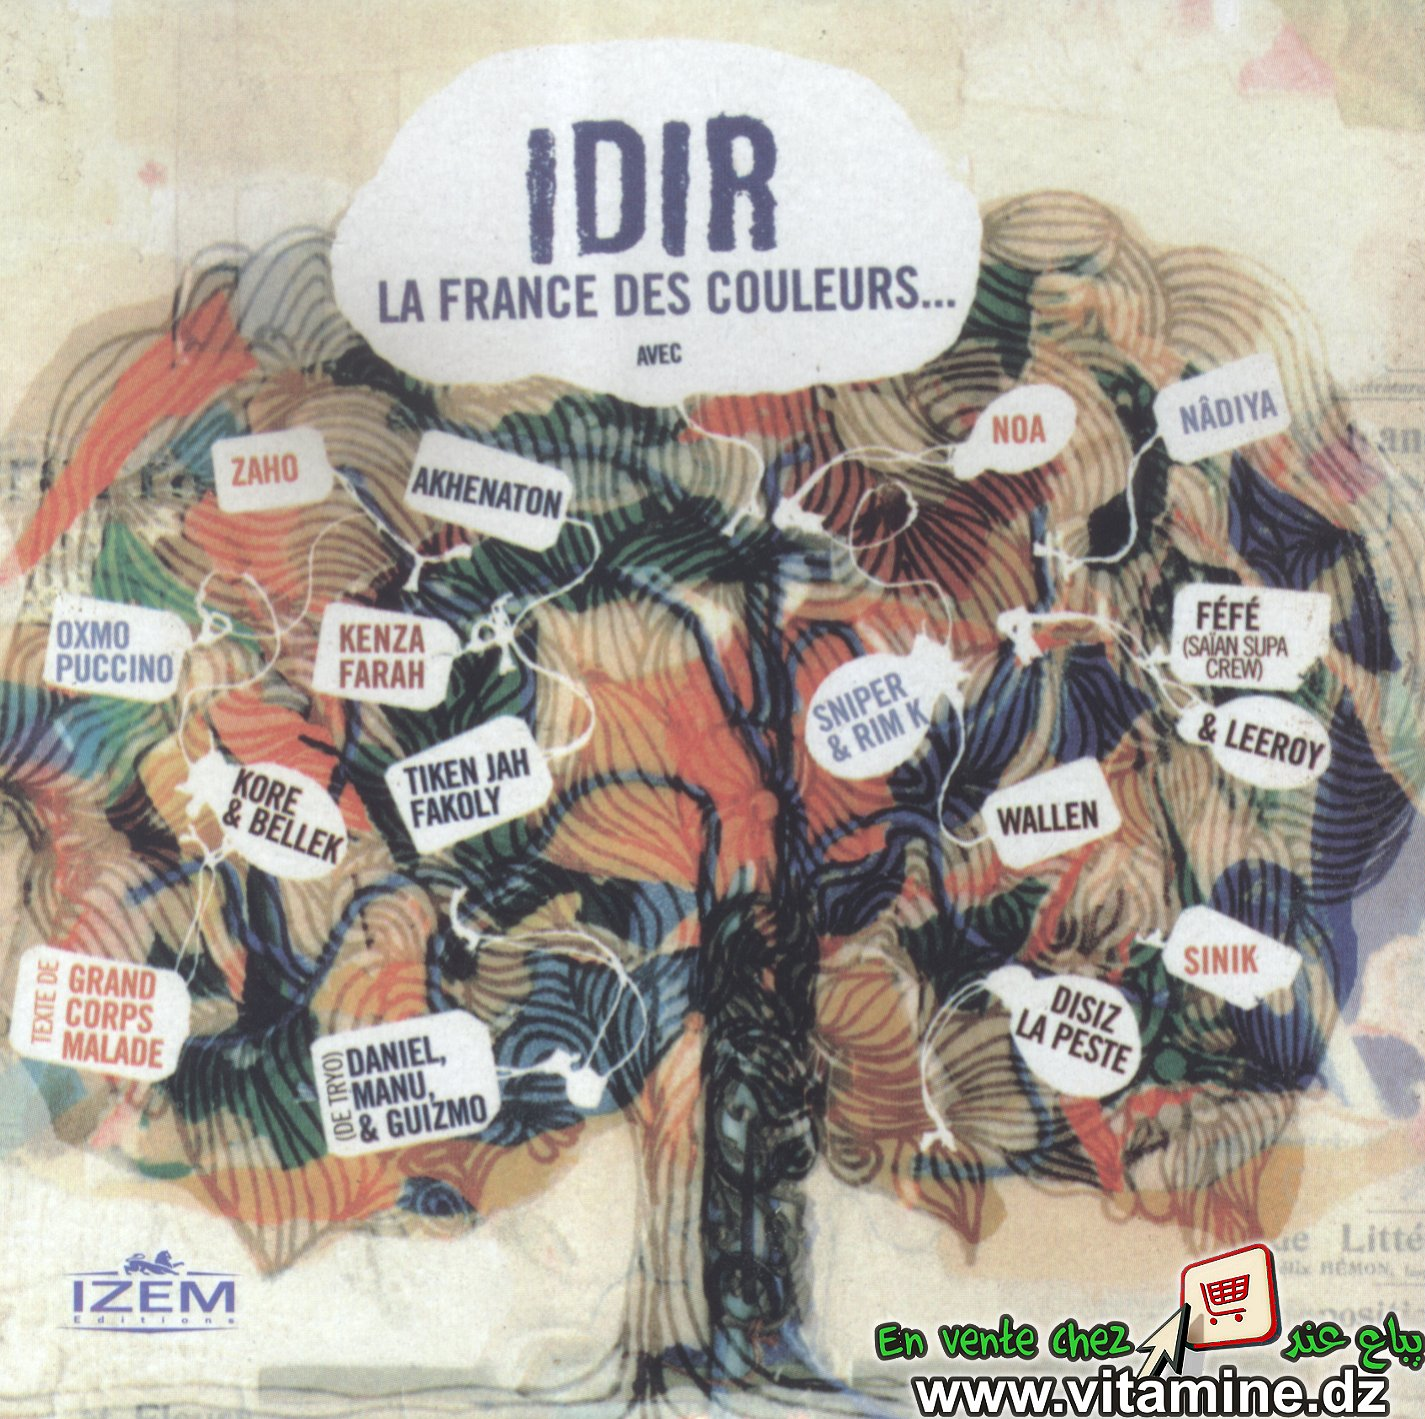 Idir - la France des couleurs